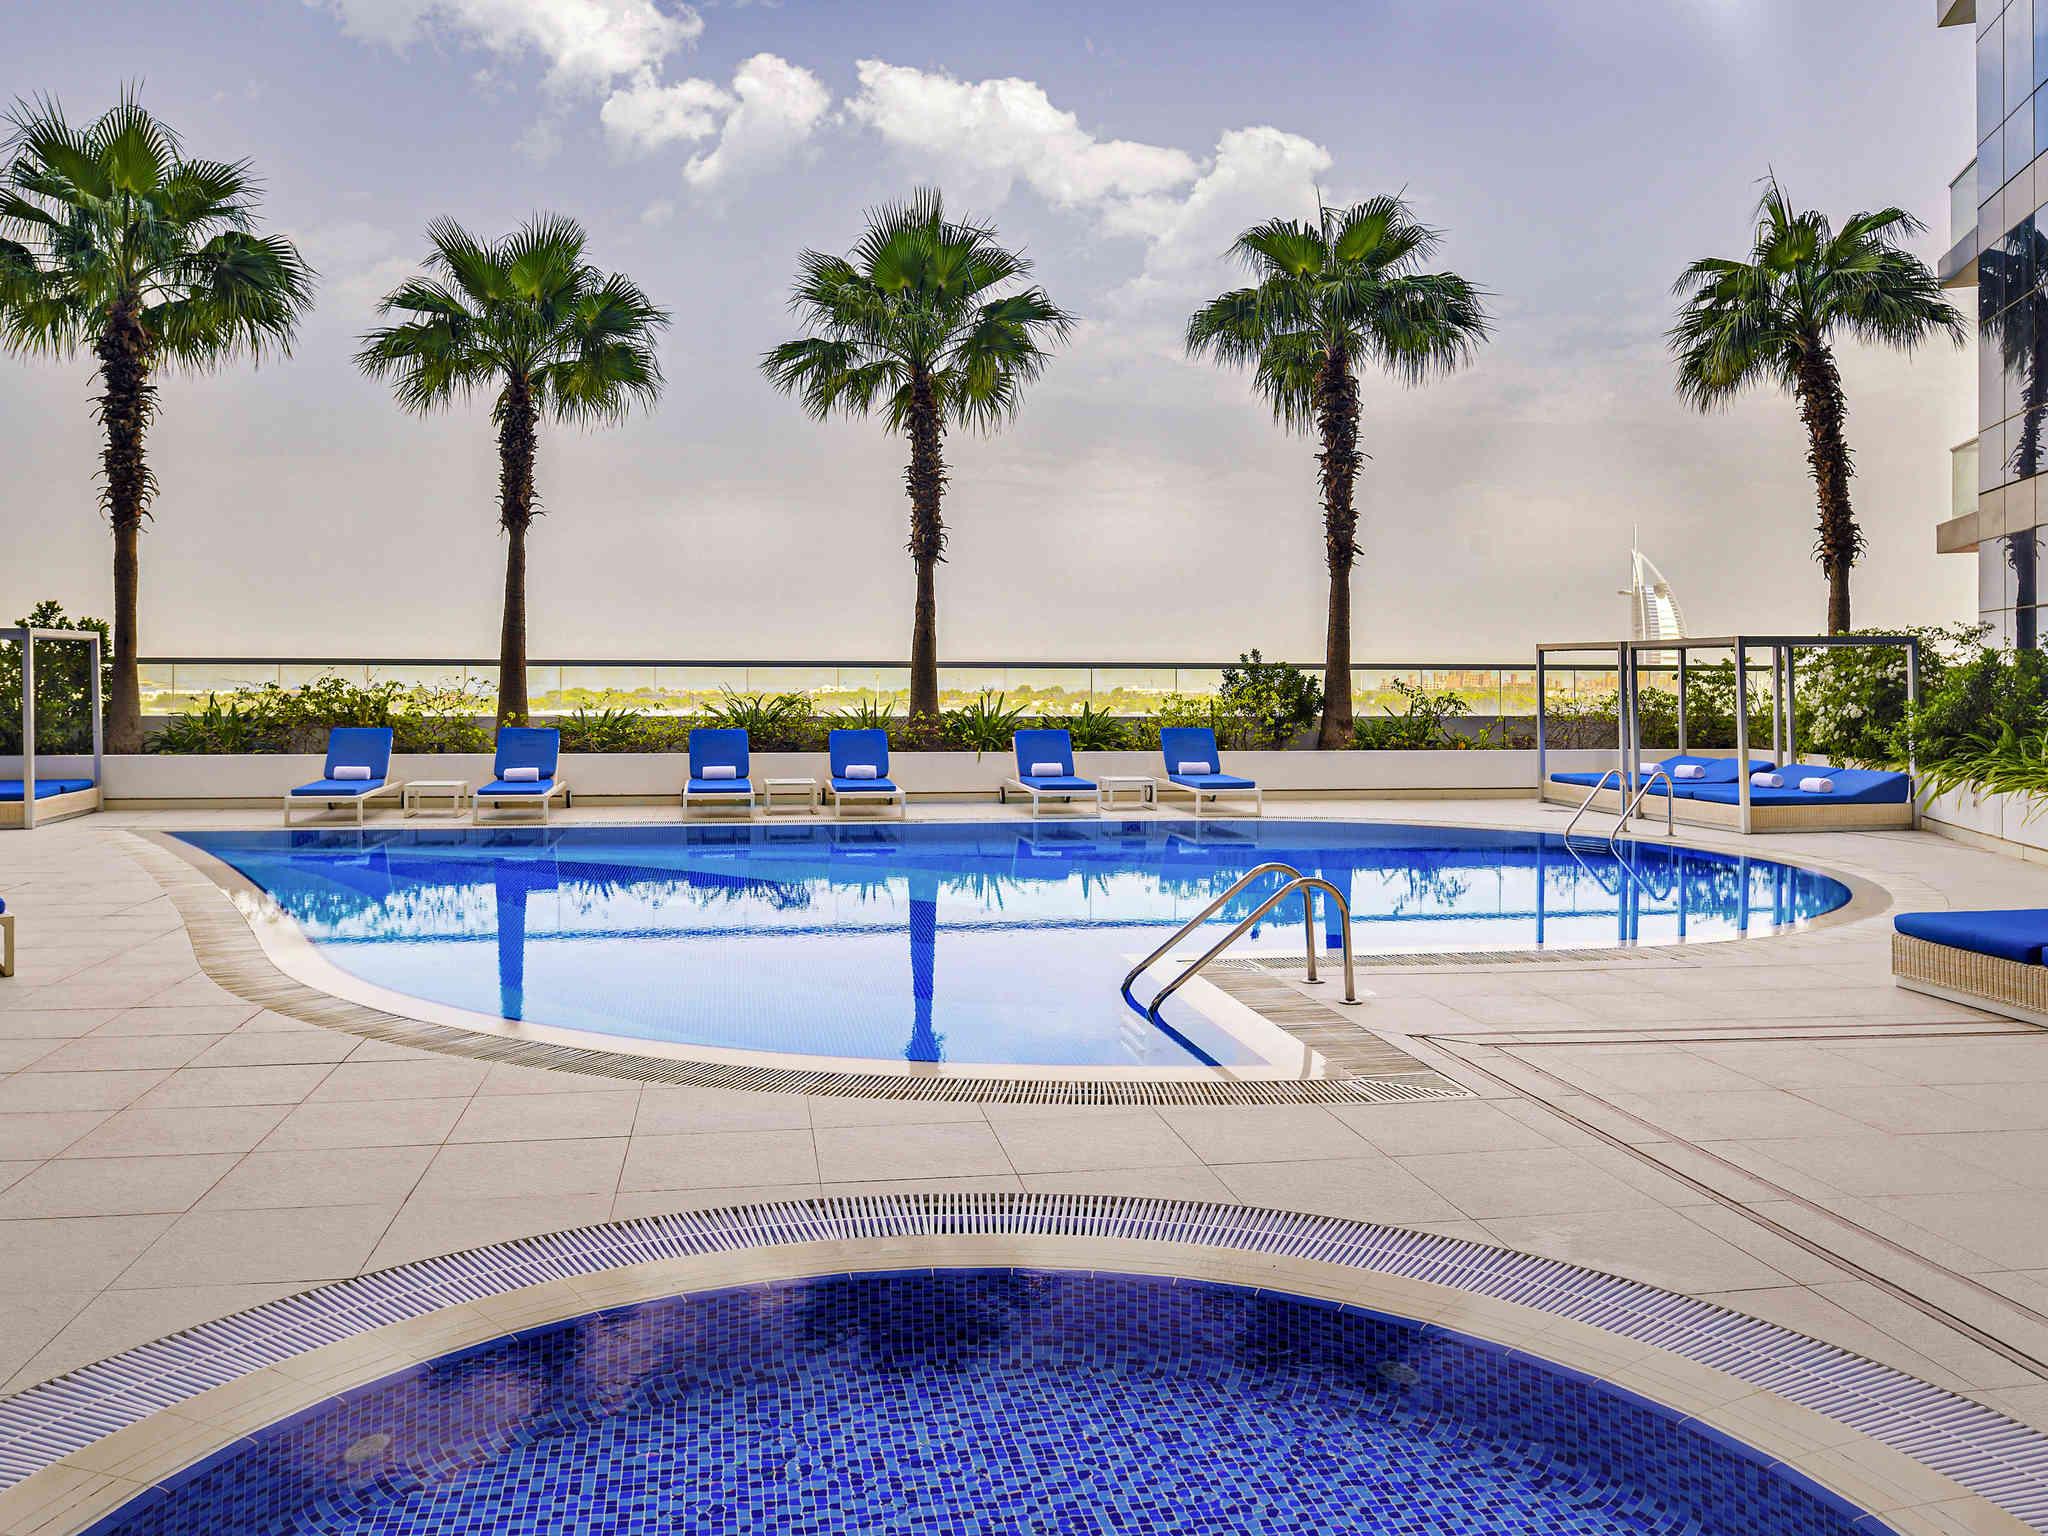 فندق - شقق فندقية ADAGIO بريميوم دبي البرشا